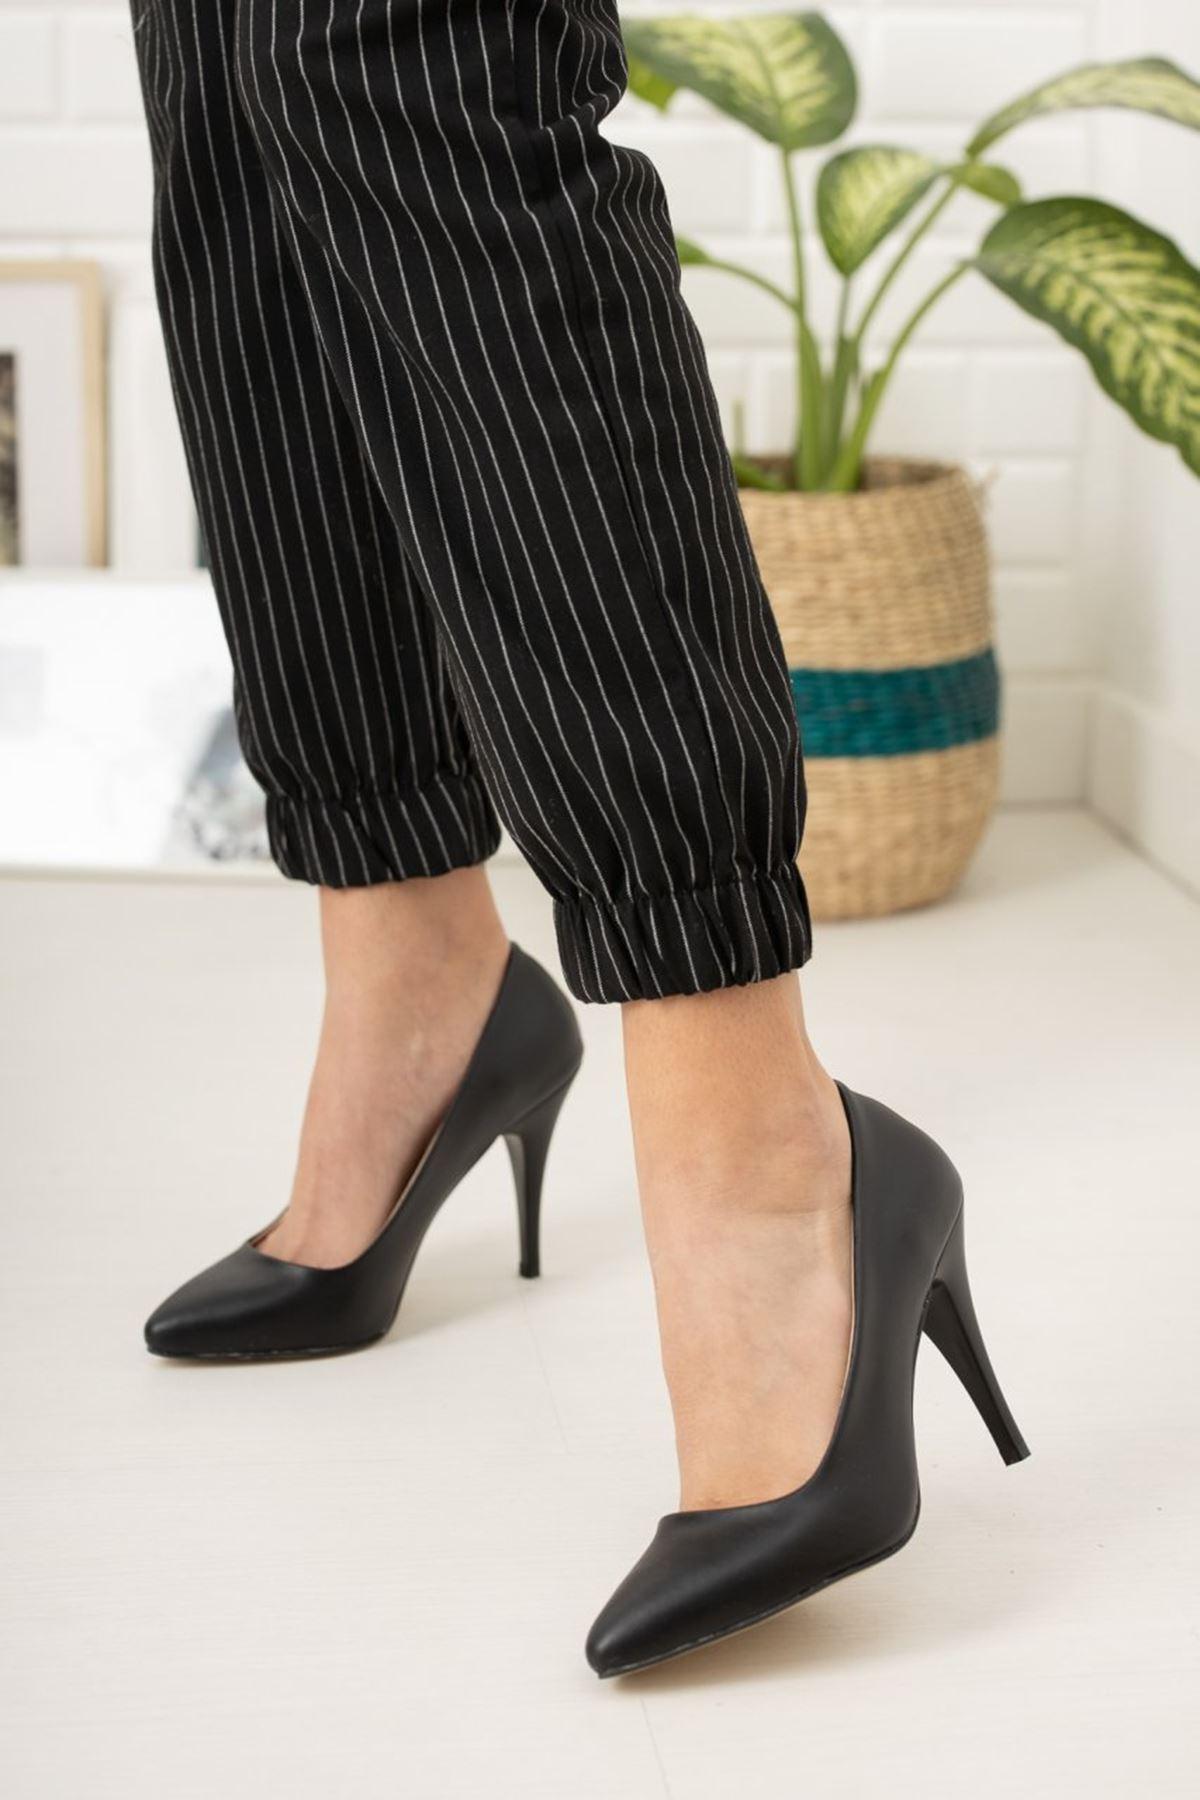 Kadın Ages Yüksek Topuklu Mat Deri Siyah Stiletto